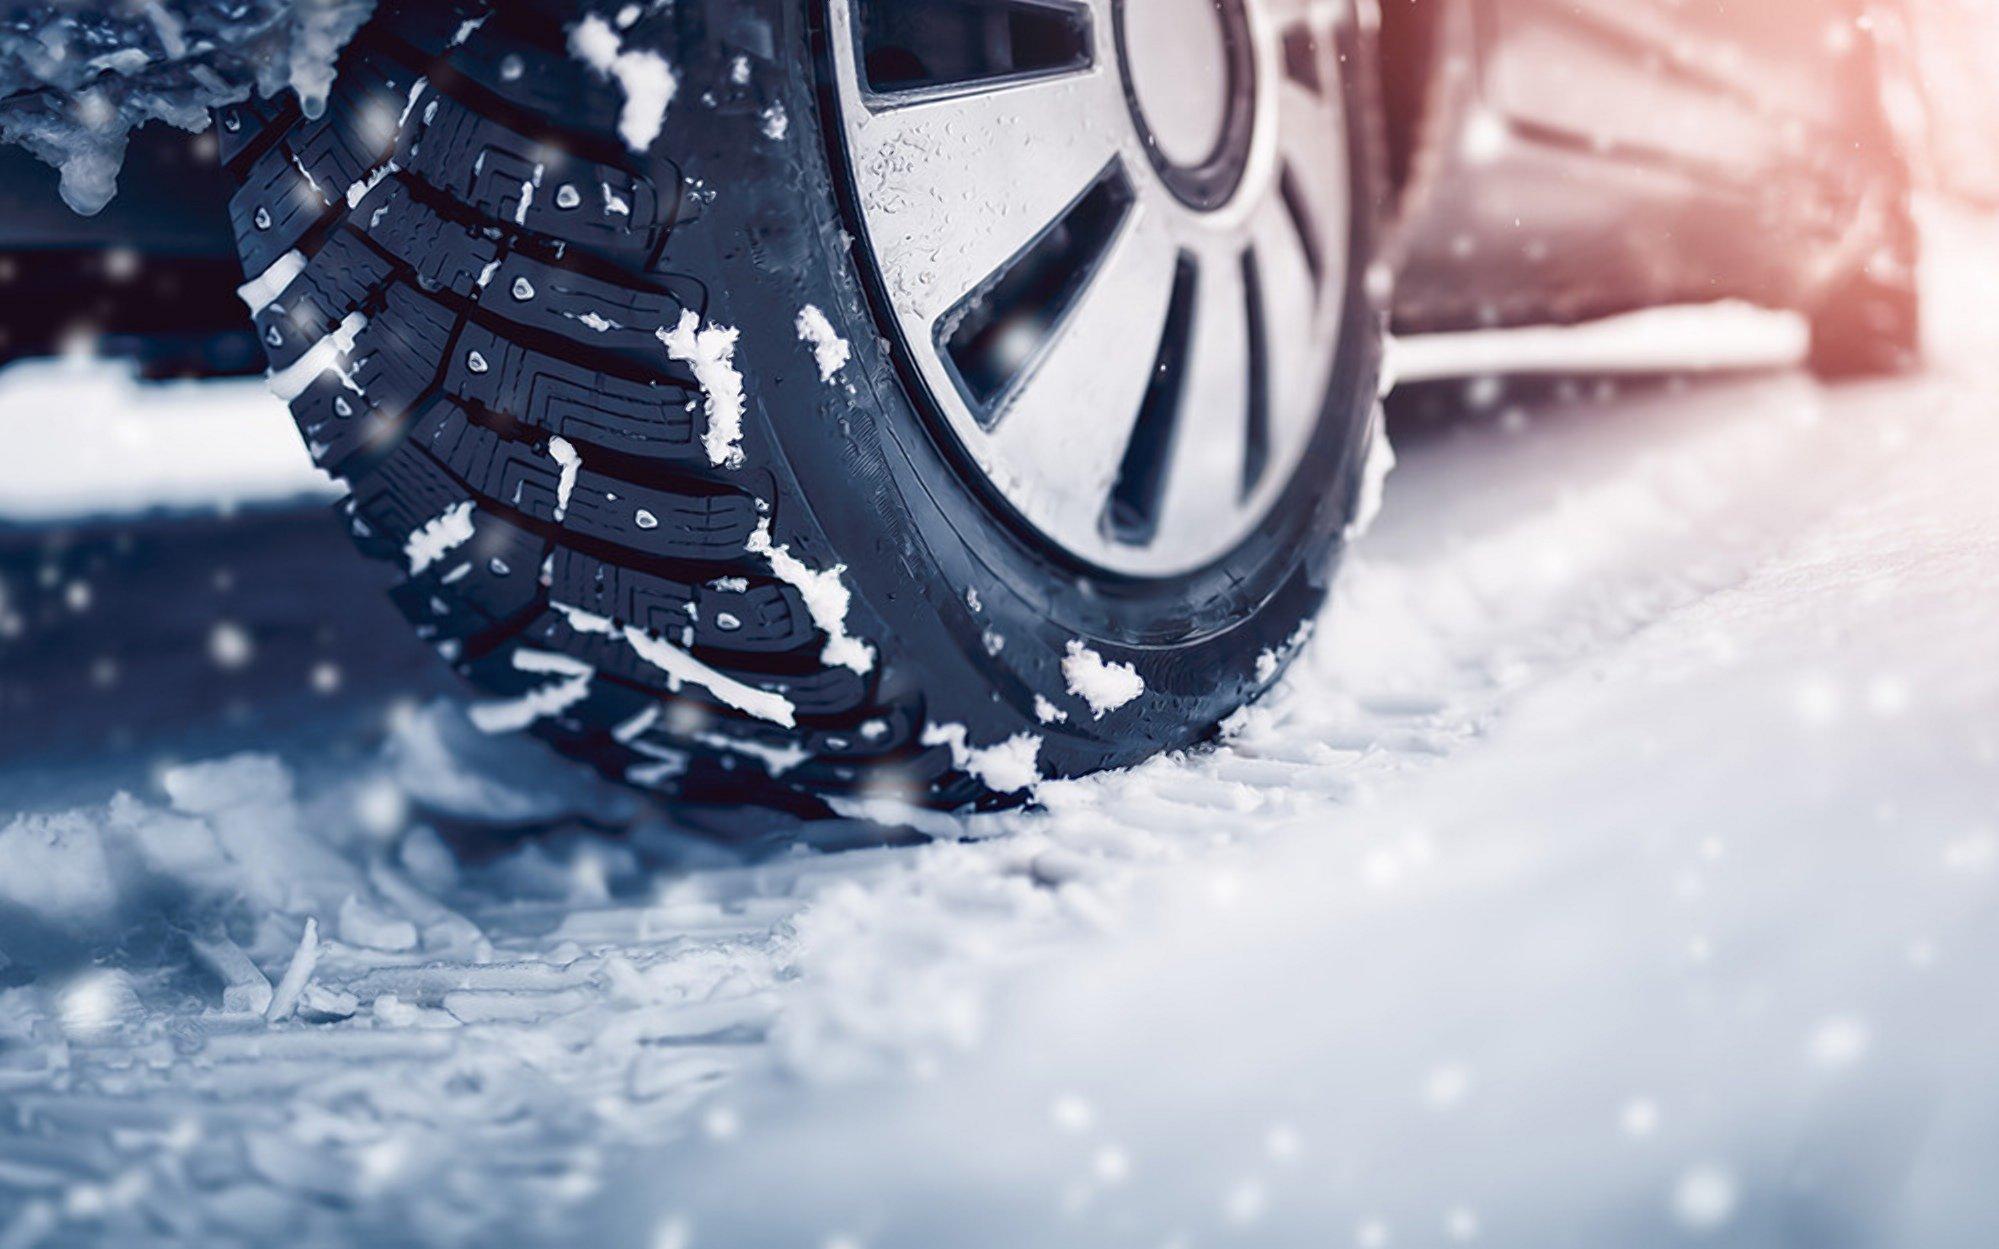 Експерти розповіли, що може зламатися в автомобілі в мороз